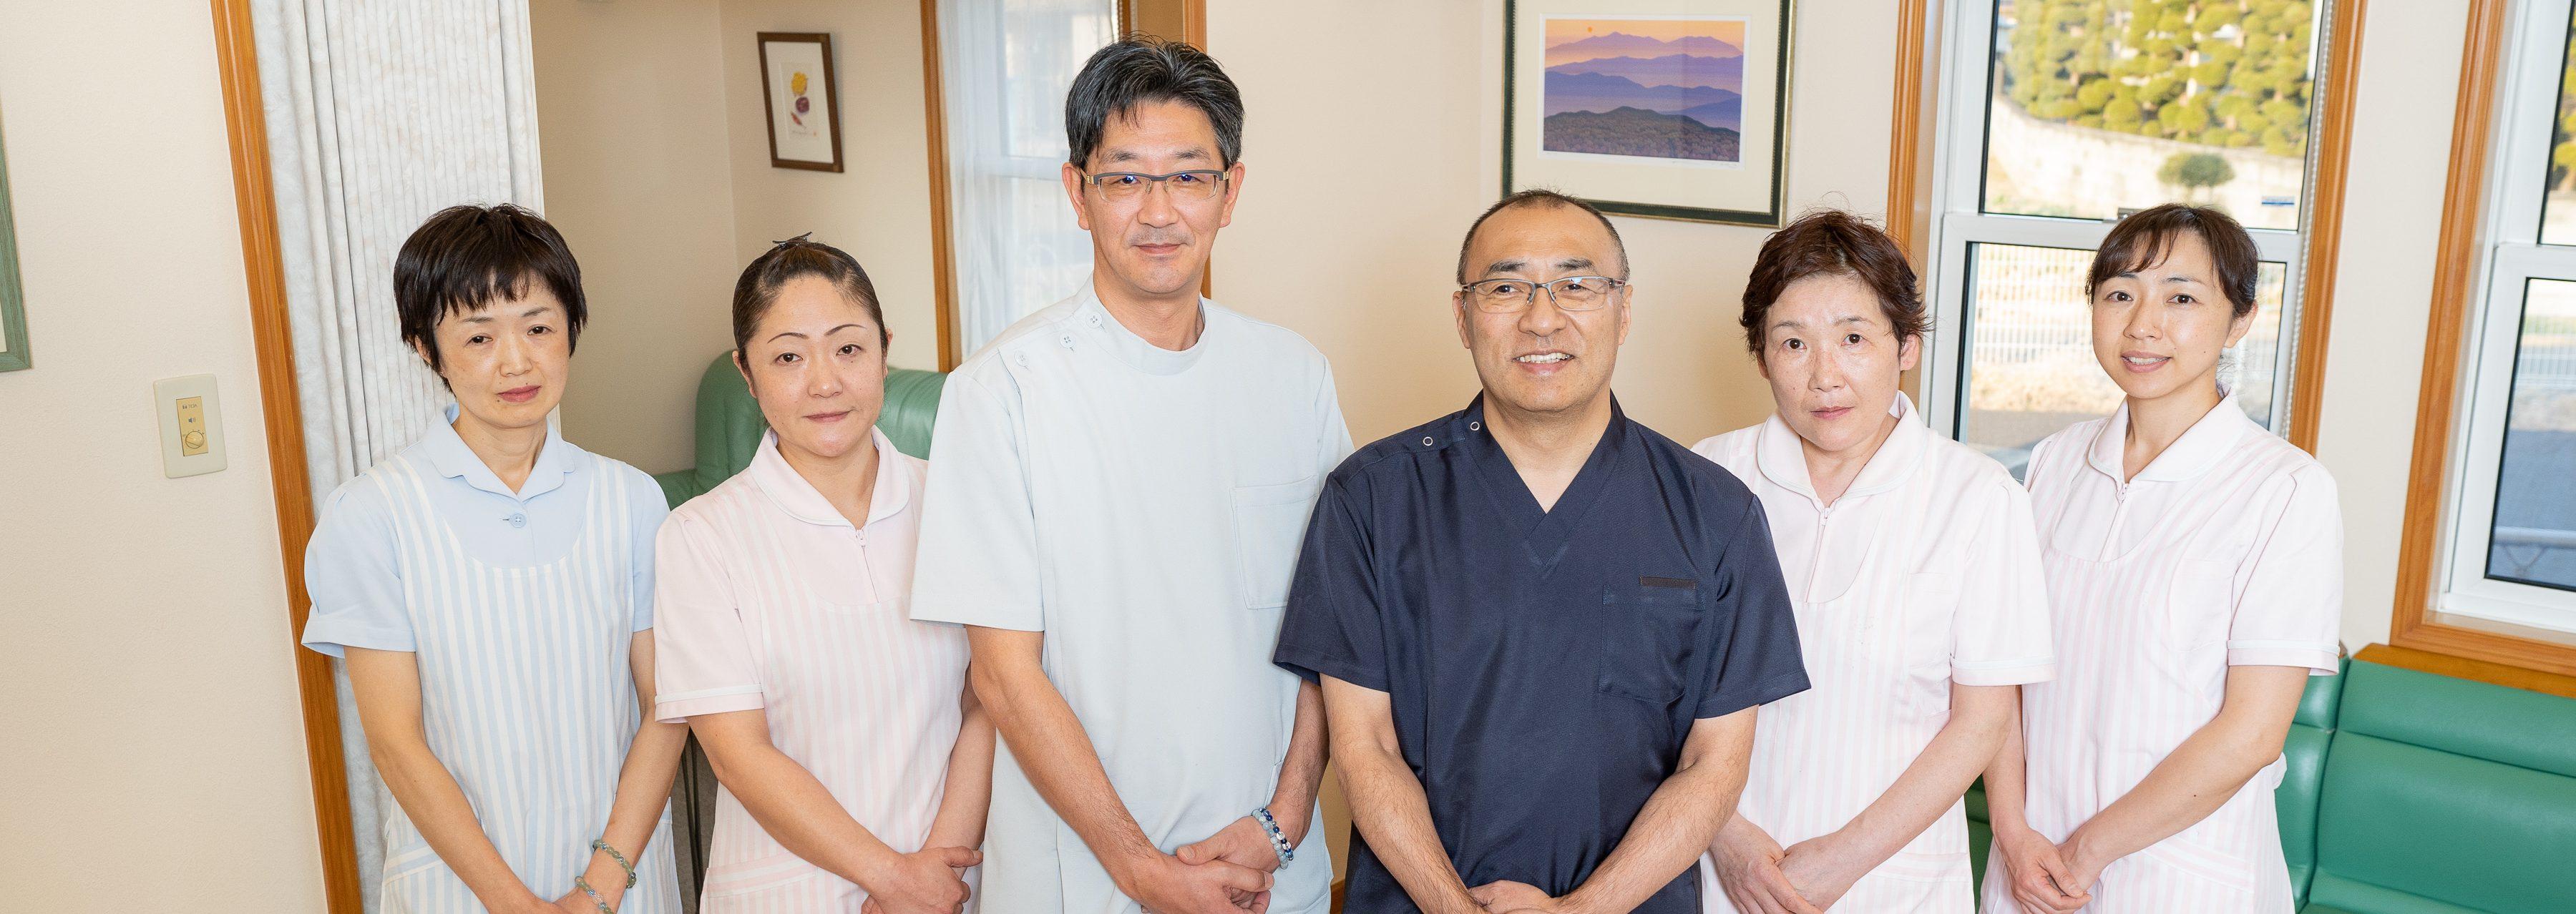 のむら内科心療内科クリニック|岩切